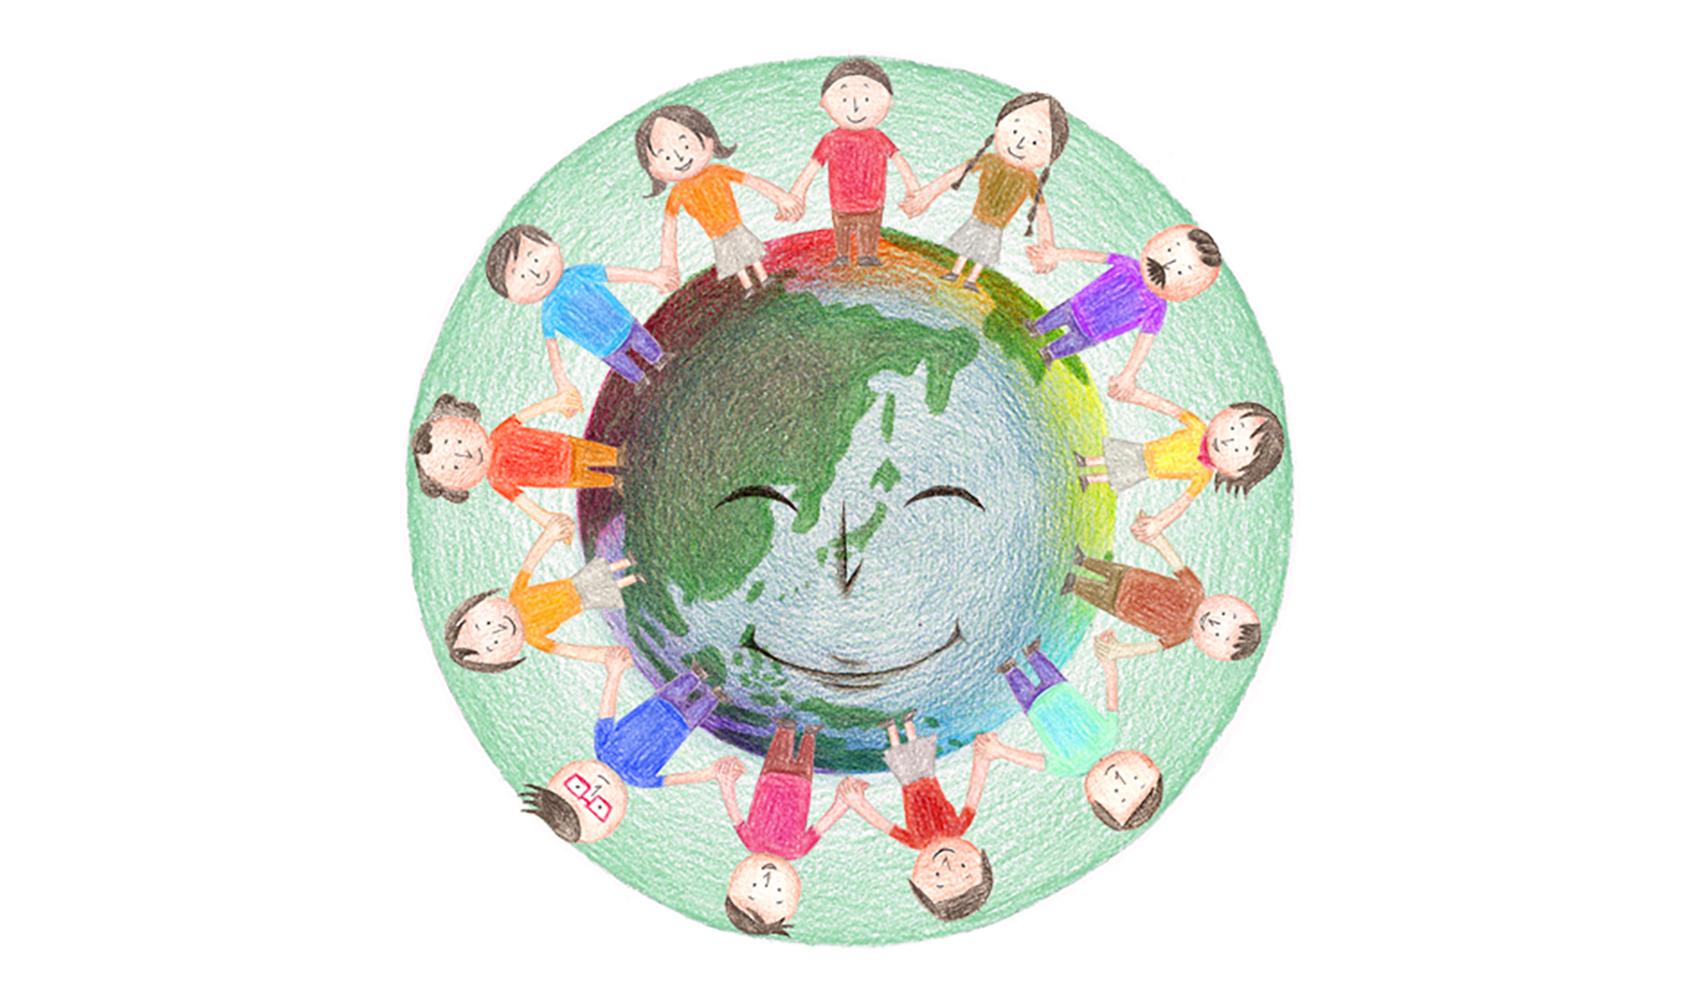 地球環境を守るためには、どんなことに気をつければいいですか?